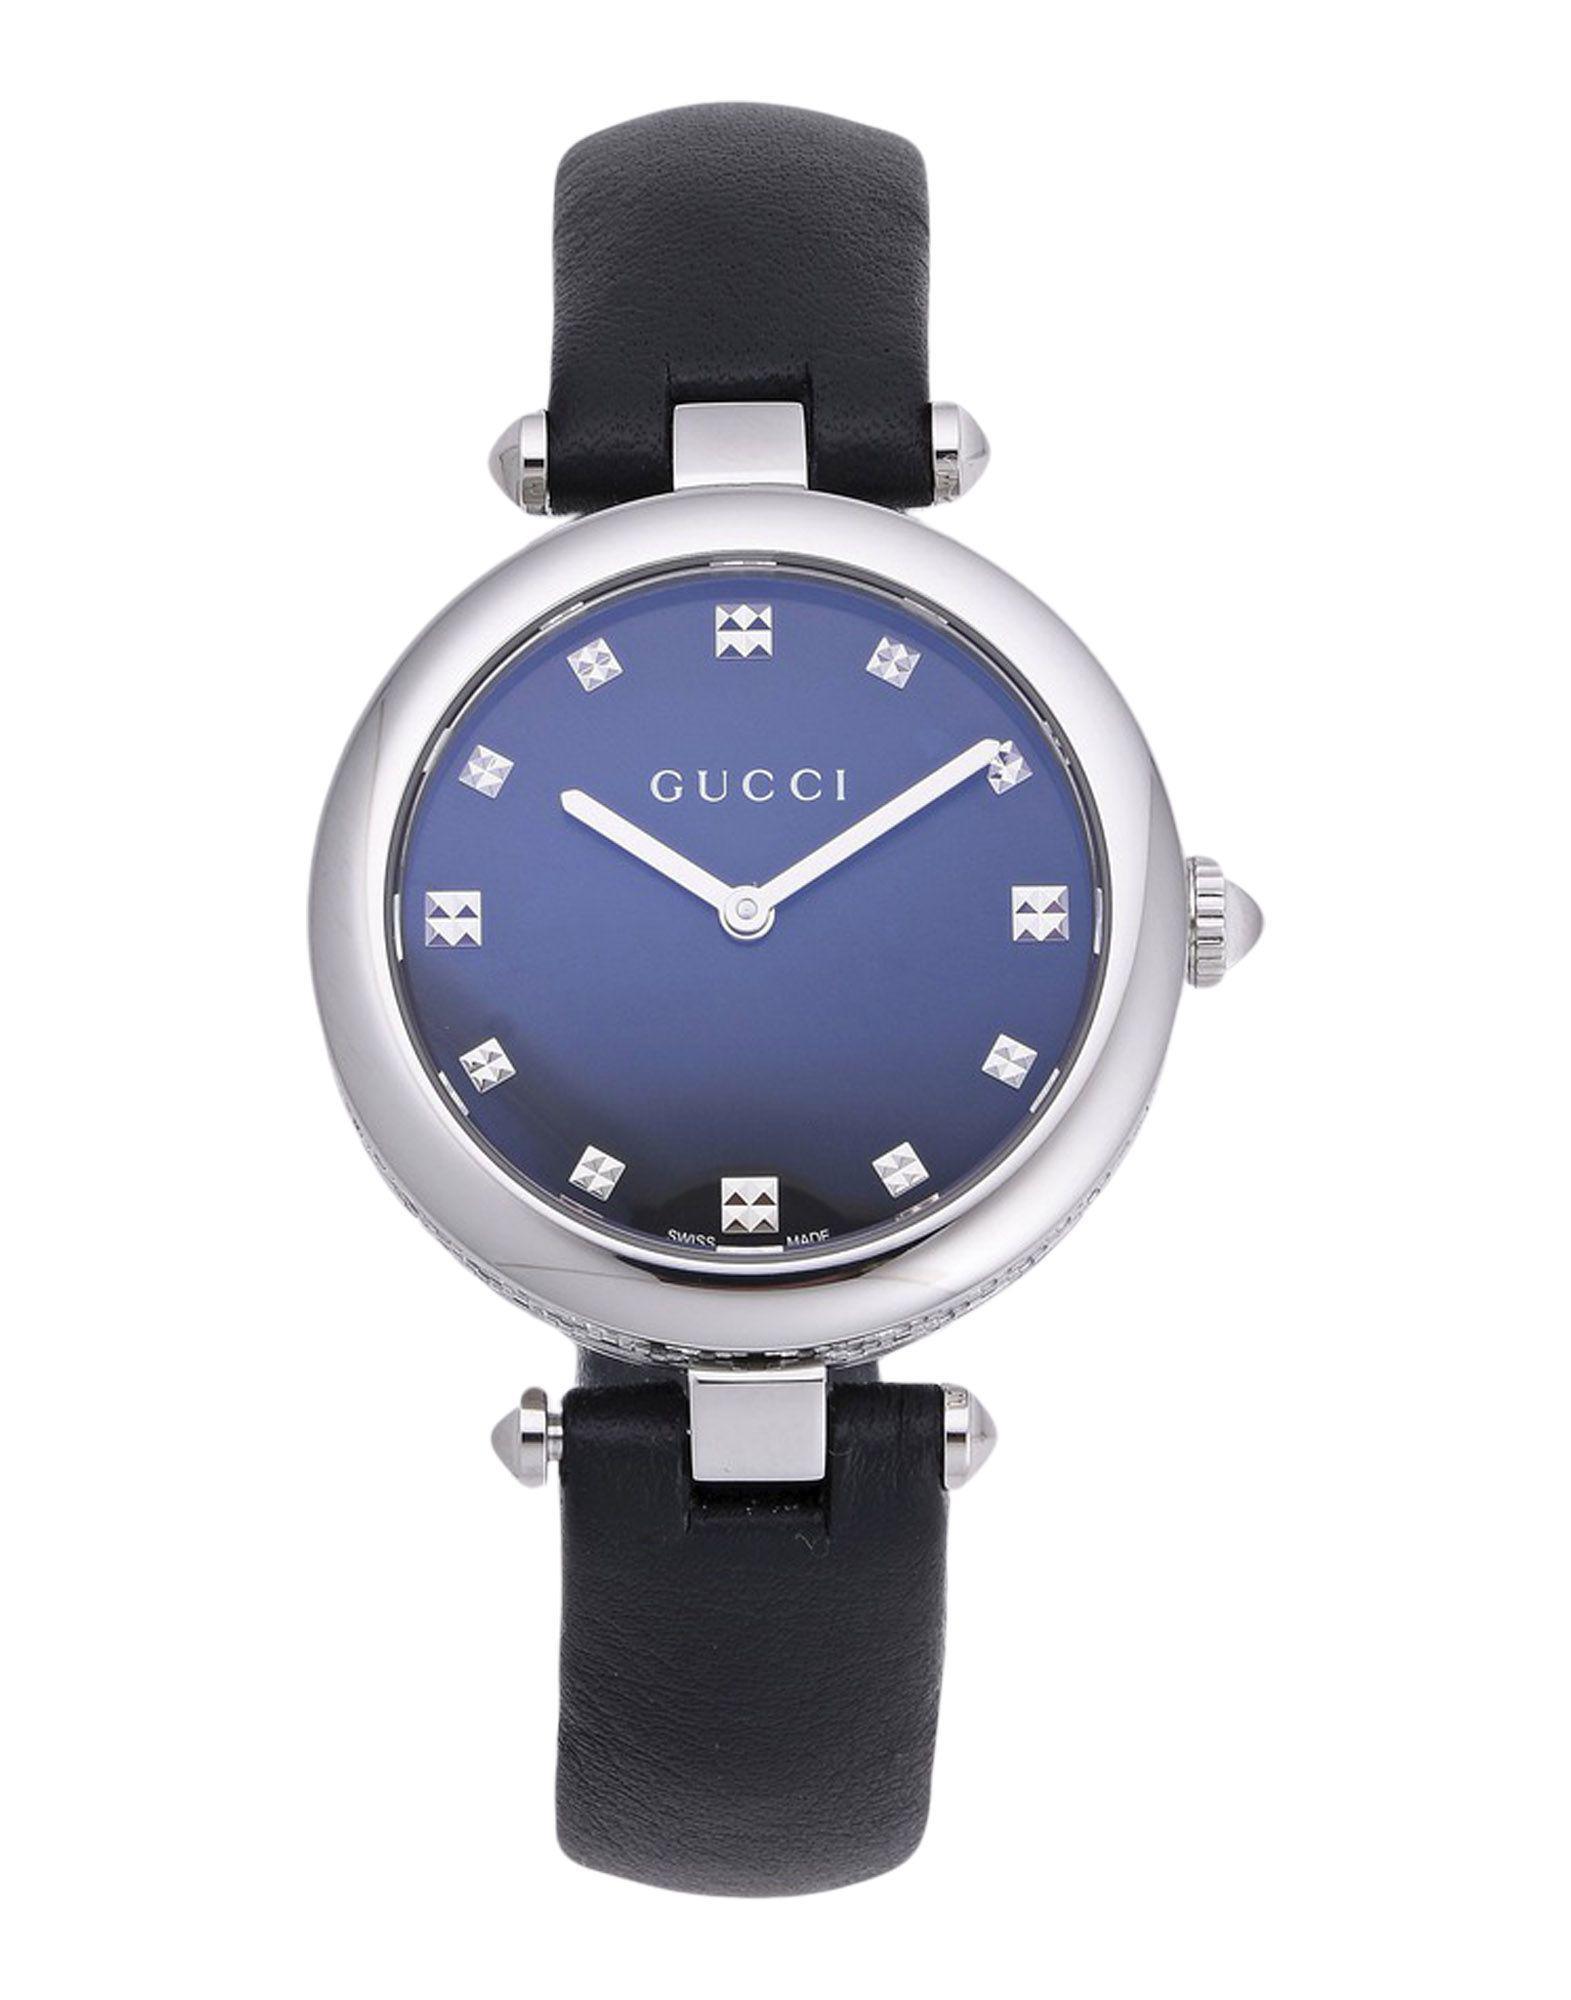 d1a04cf4850 Gucci Wrist Watch in Black - Lyst